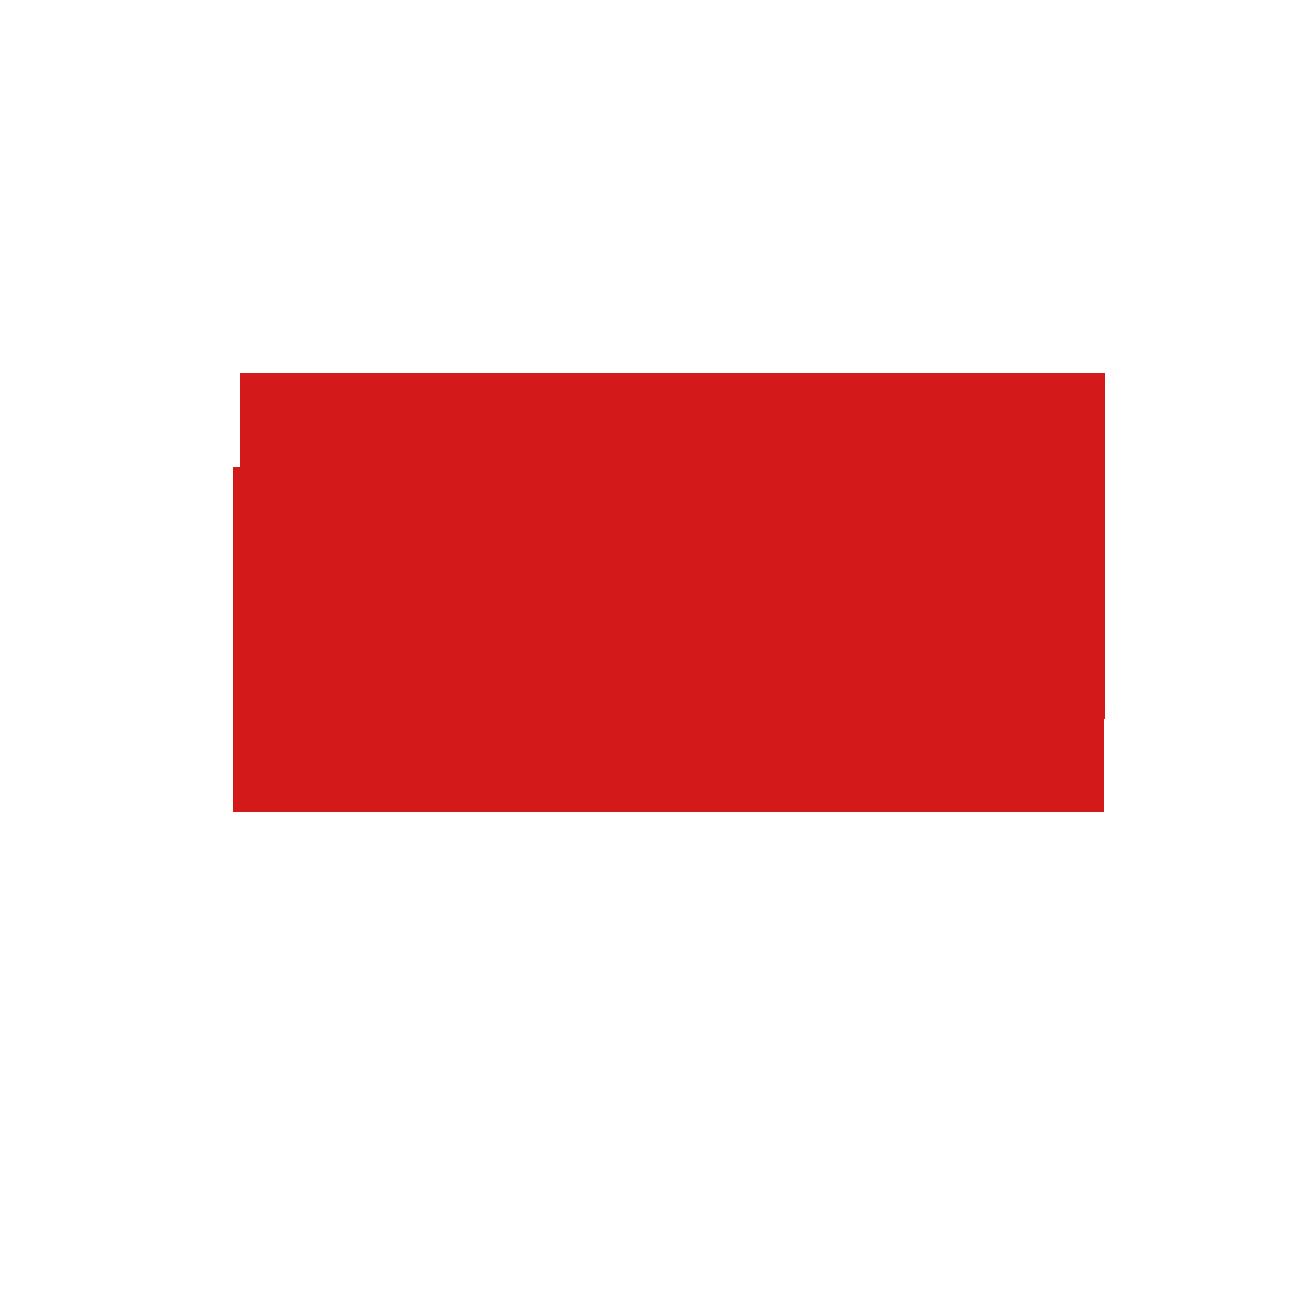 先行販売でのチケット獲得方法については下記のページ(次の章)にて解説!